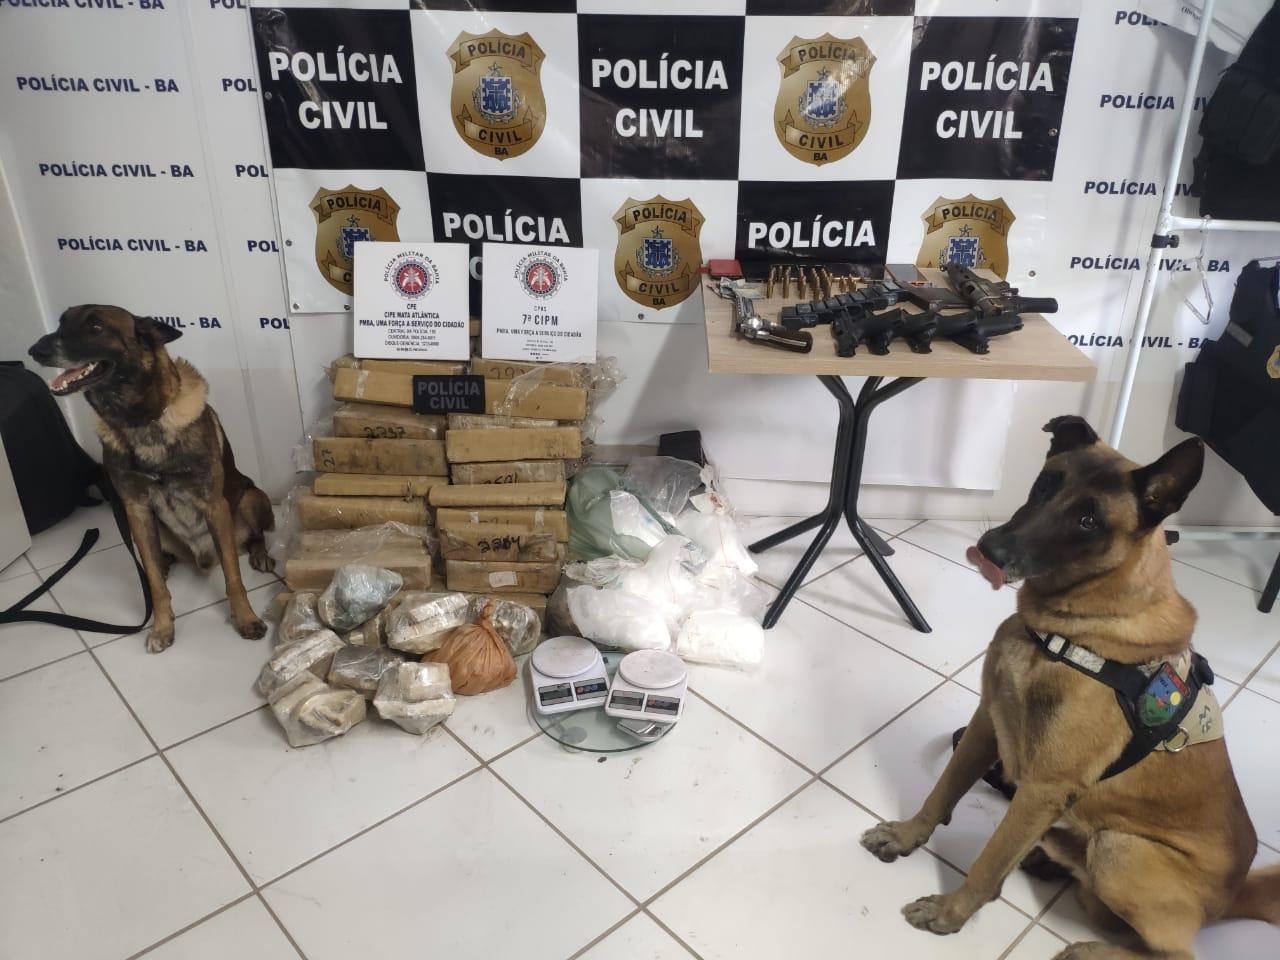 CÃES POLICIAIS ENCONTRAM 154 QUILOS DE DROGAS DE QUADRILHA NO SUL DA BAHIA